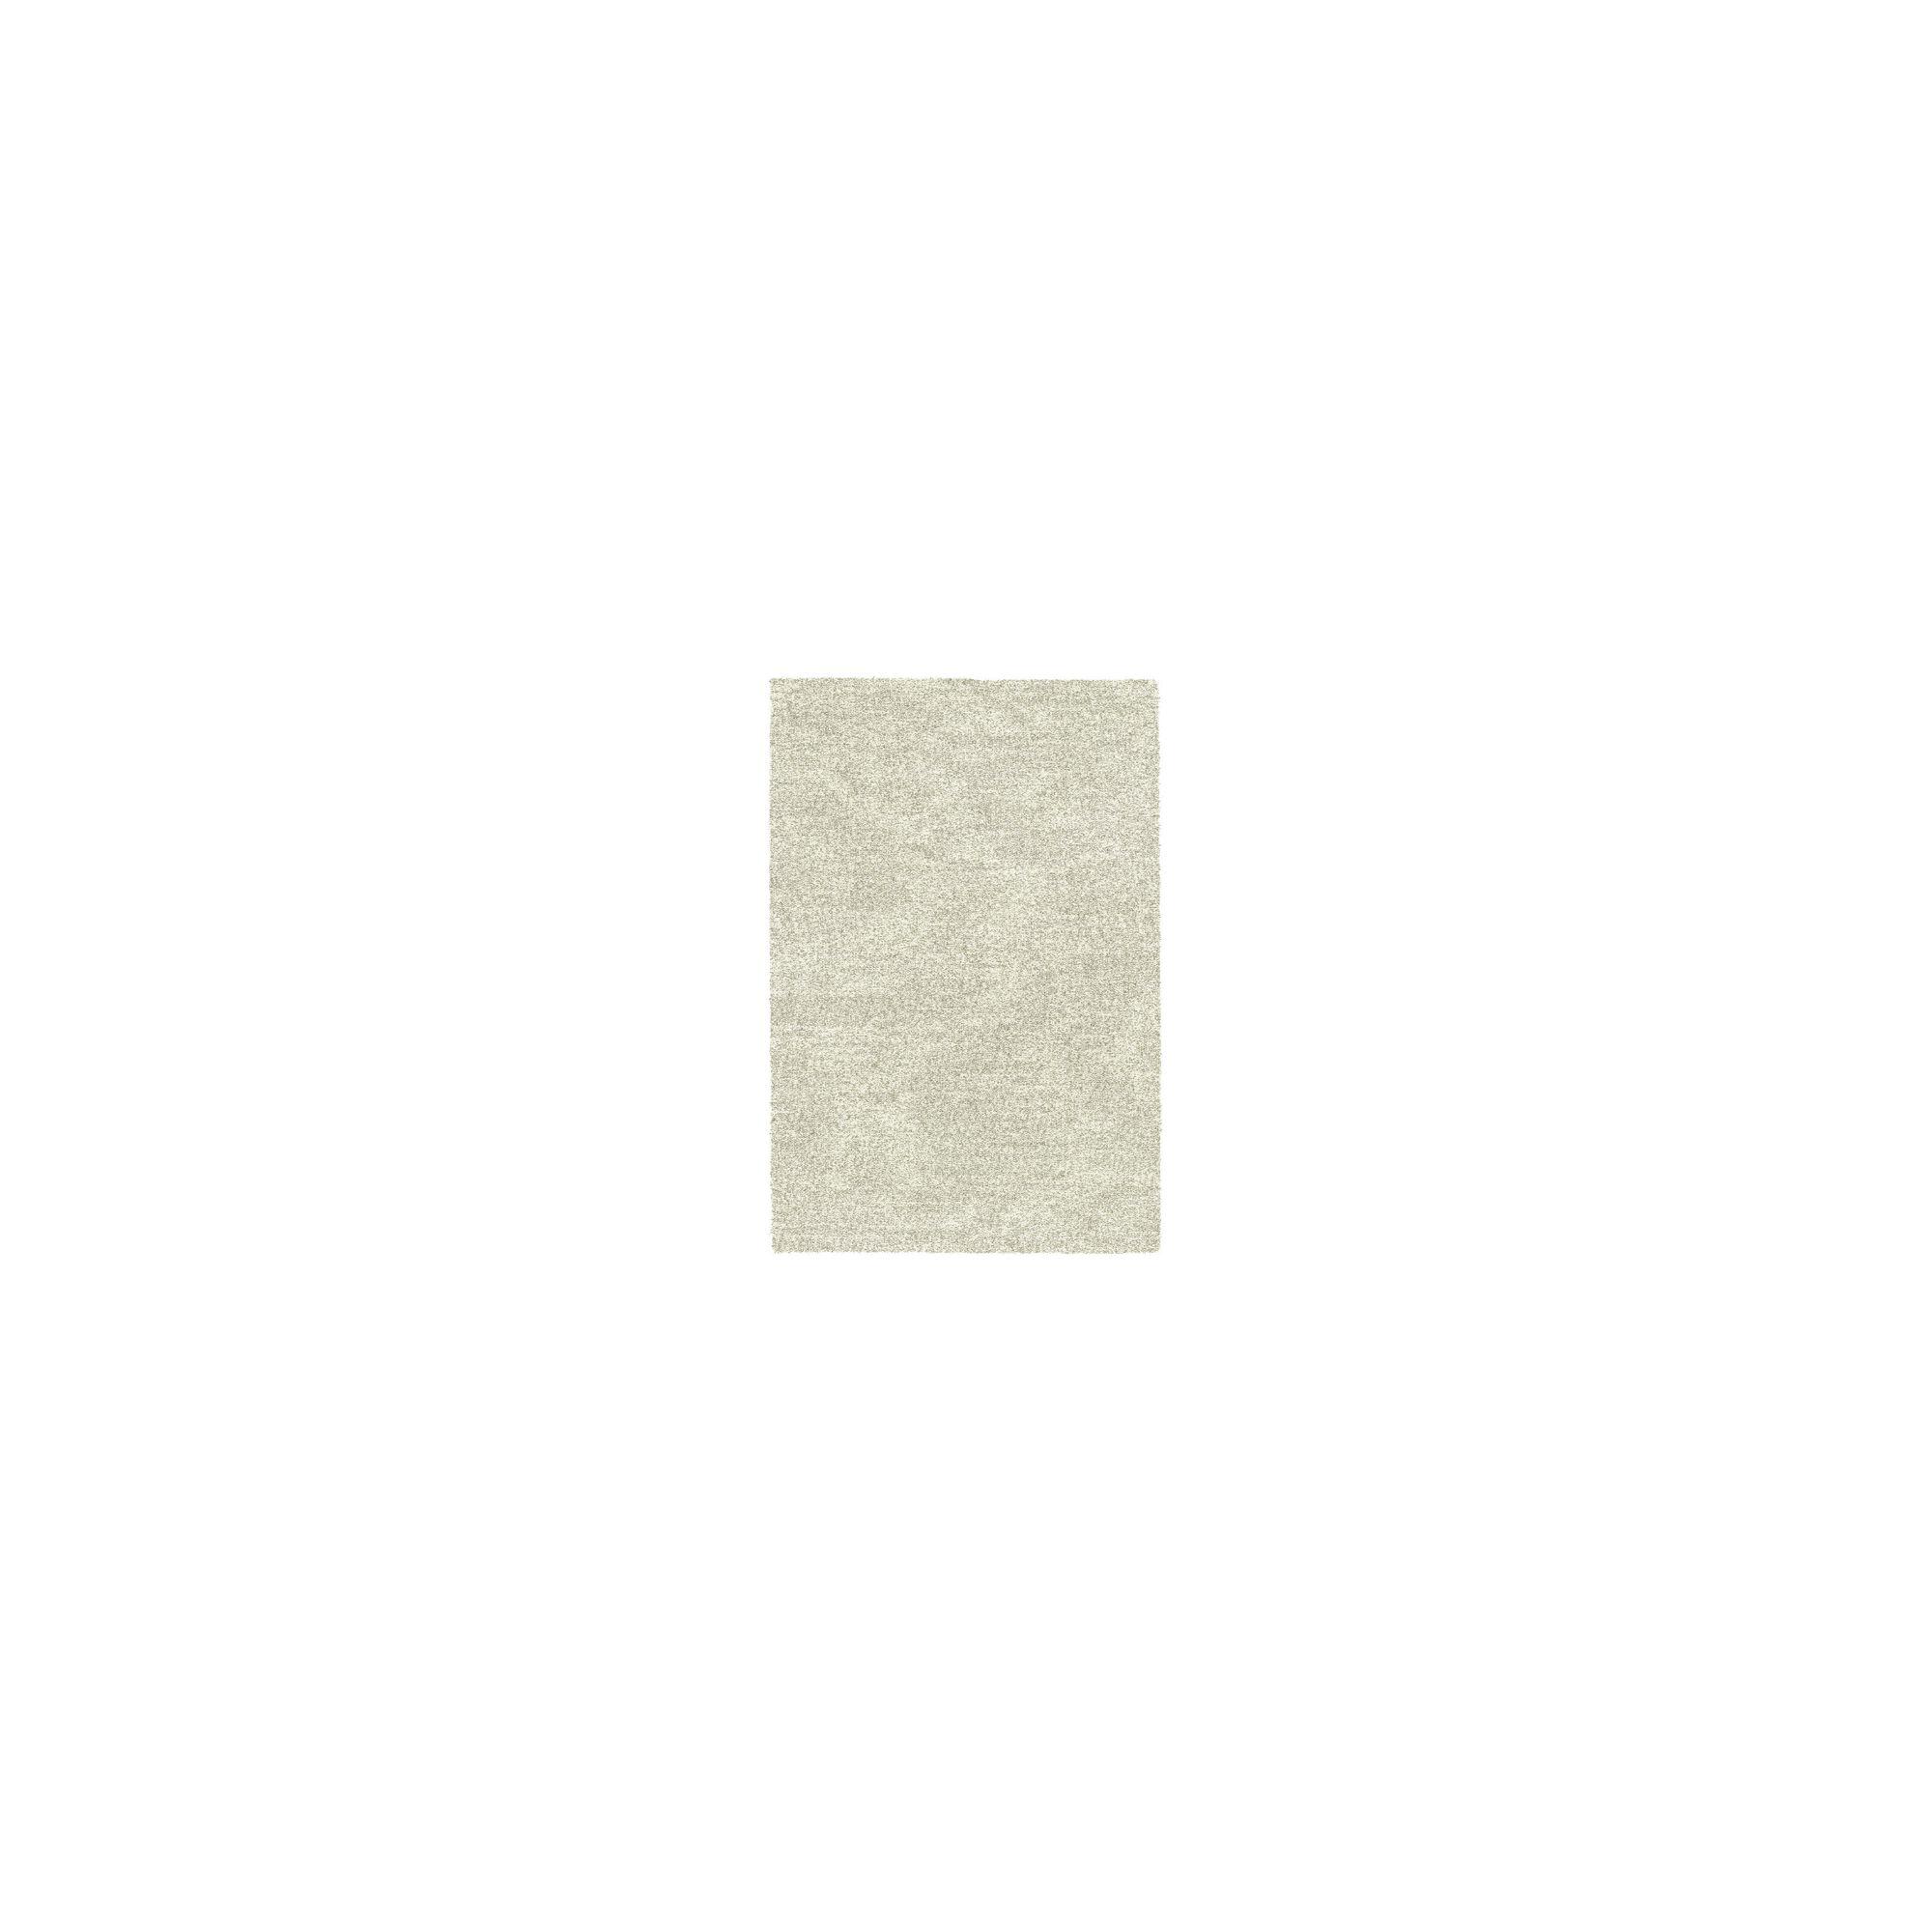 Mastercraft Rugs Mehari Cream Beige Solid Rug - 133cm x 195cm